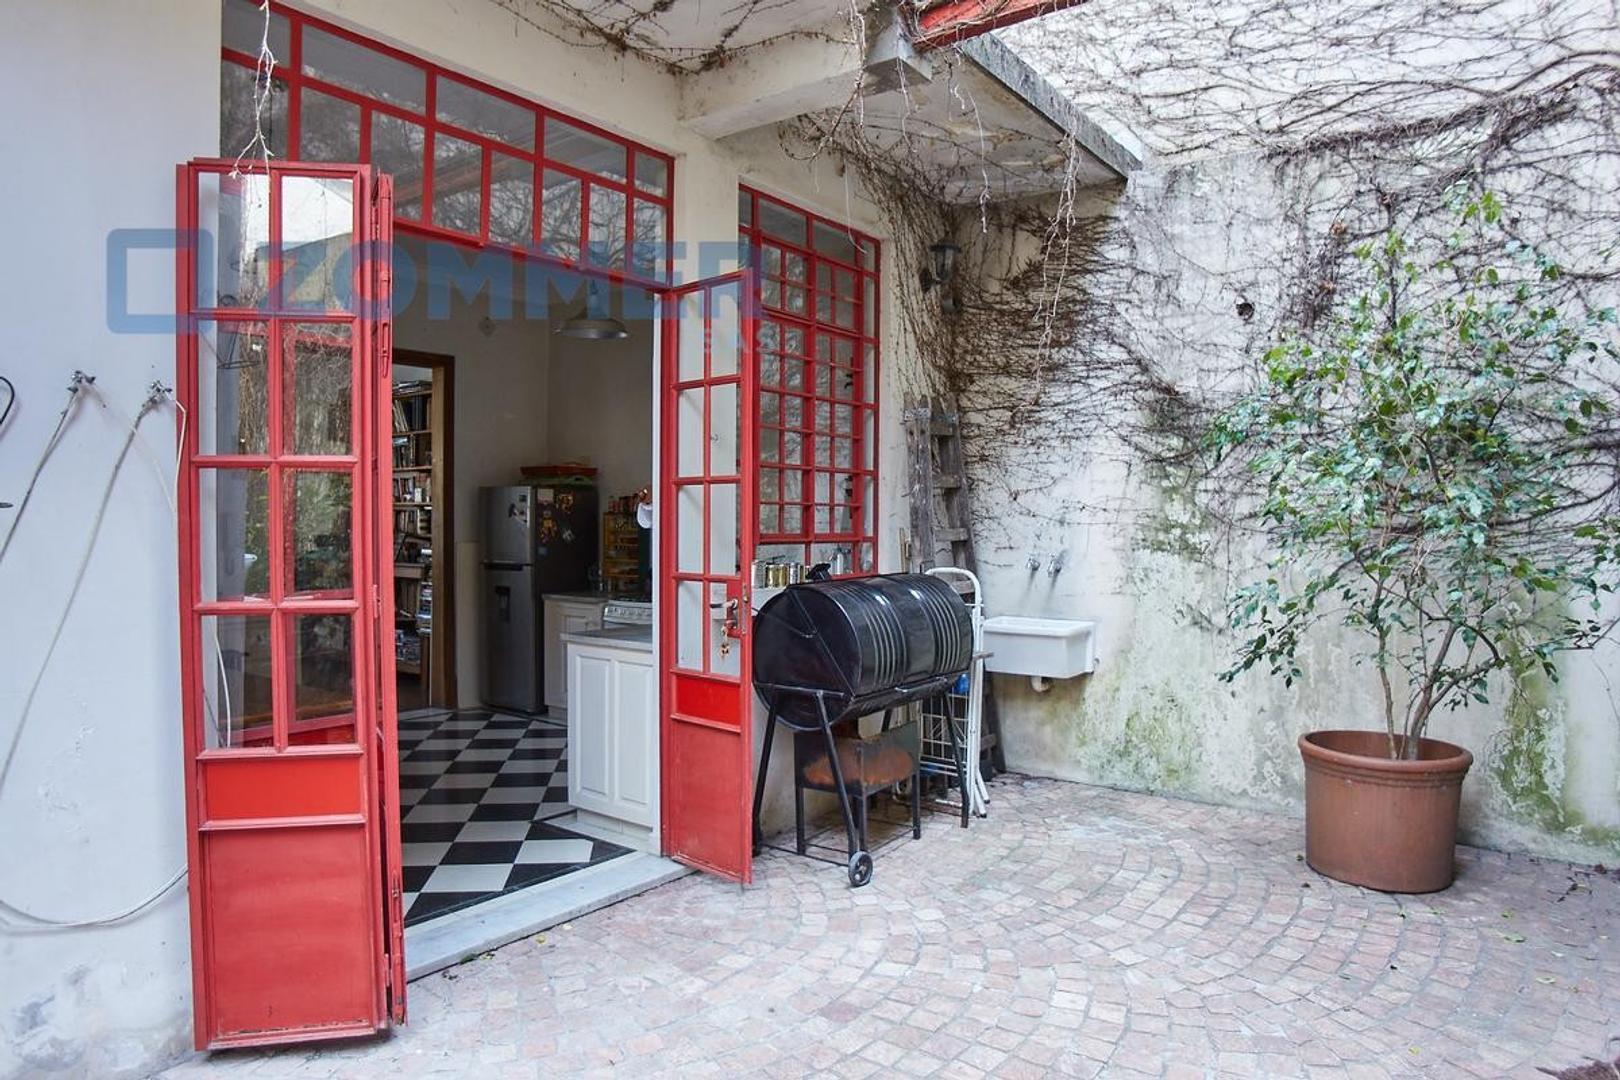 Casa - 180 m² | 5 dormitorios | 80 años